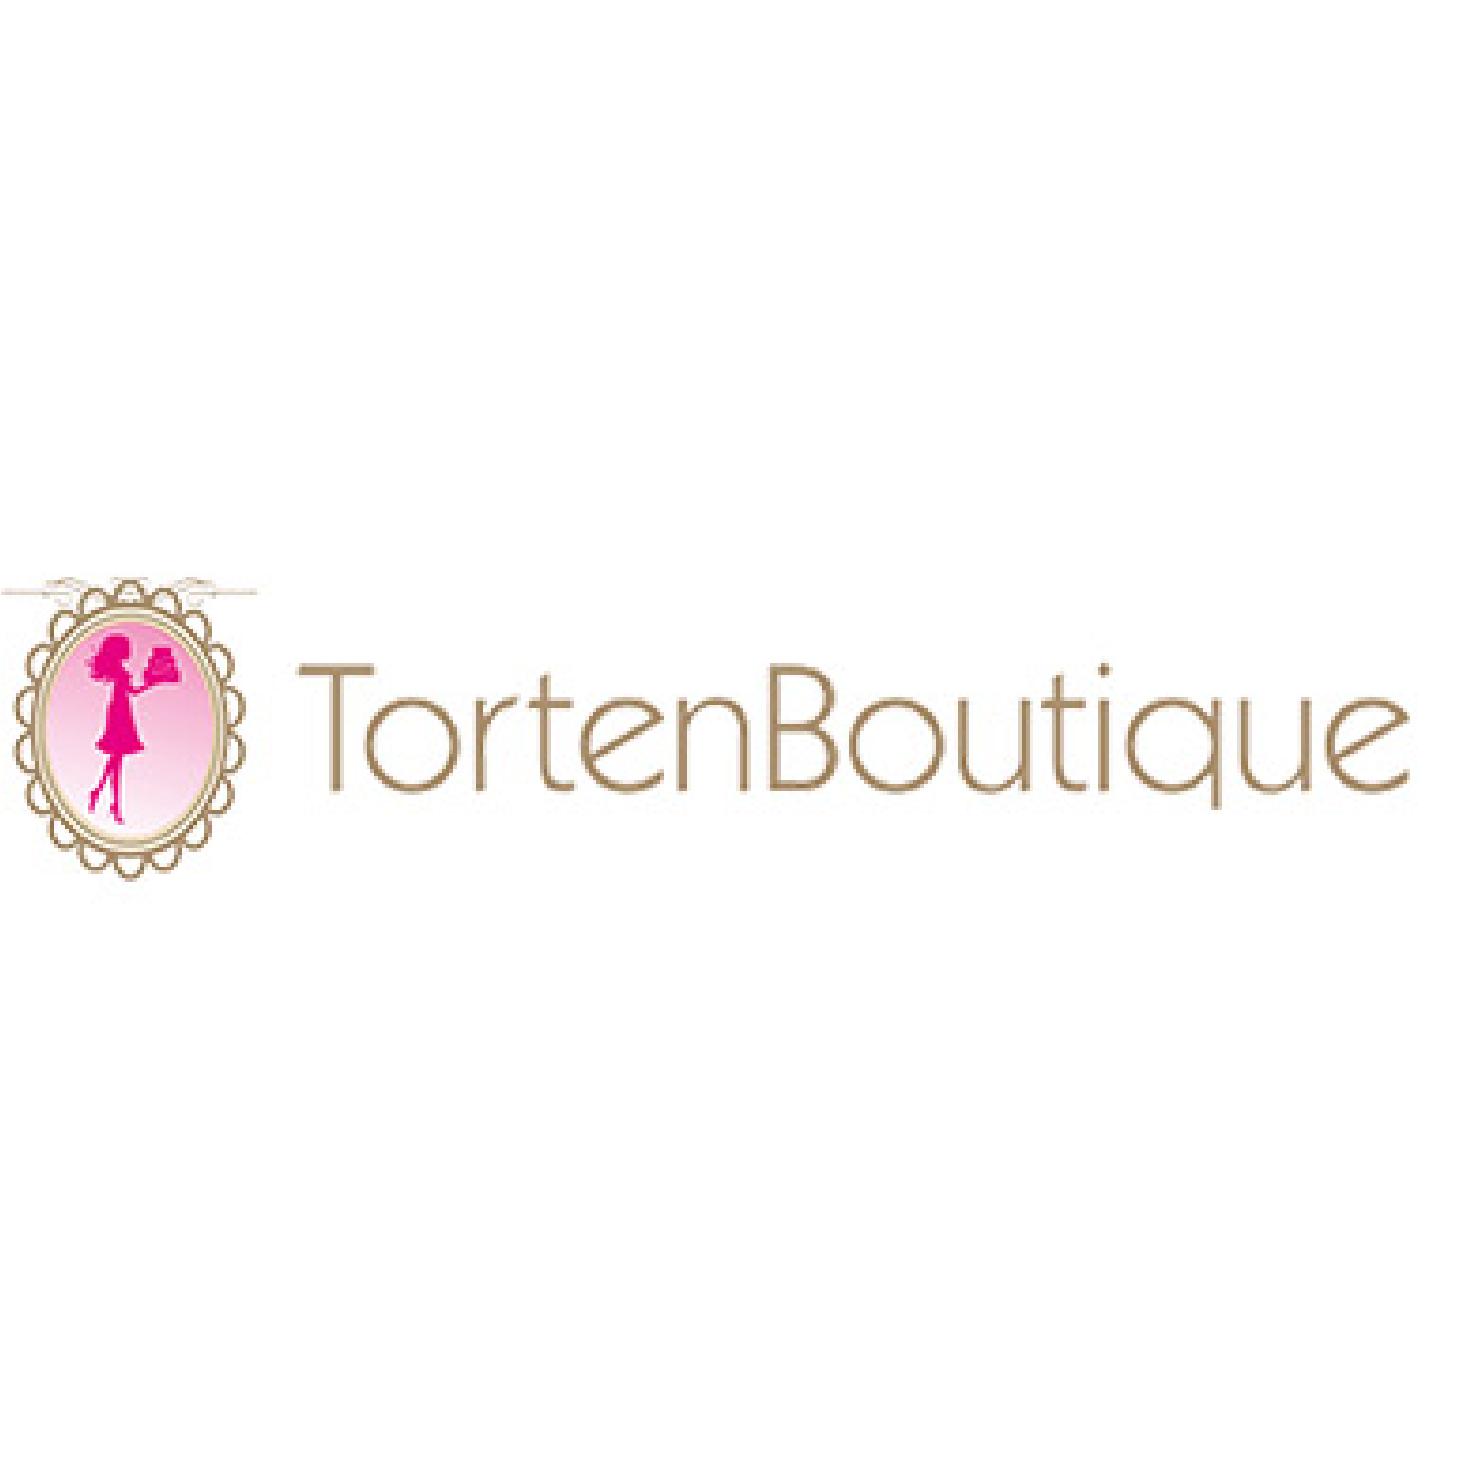 Logo_Tortenboutique color